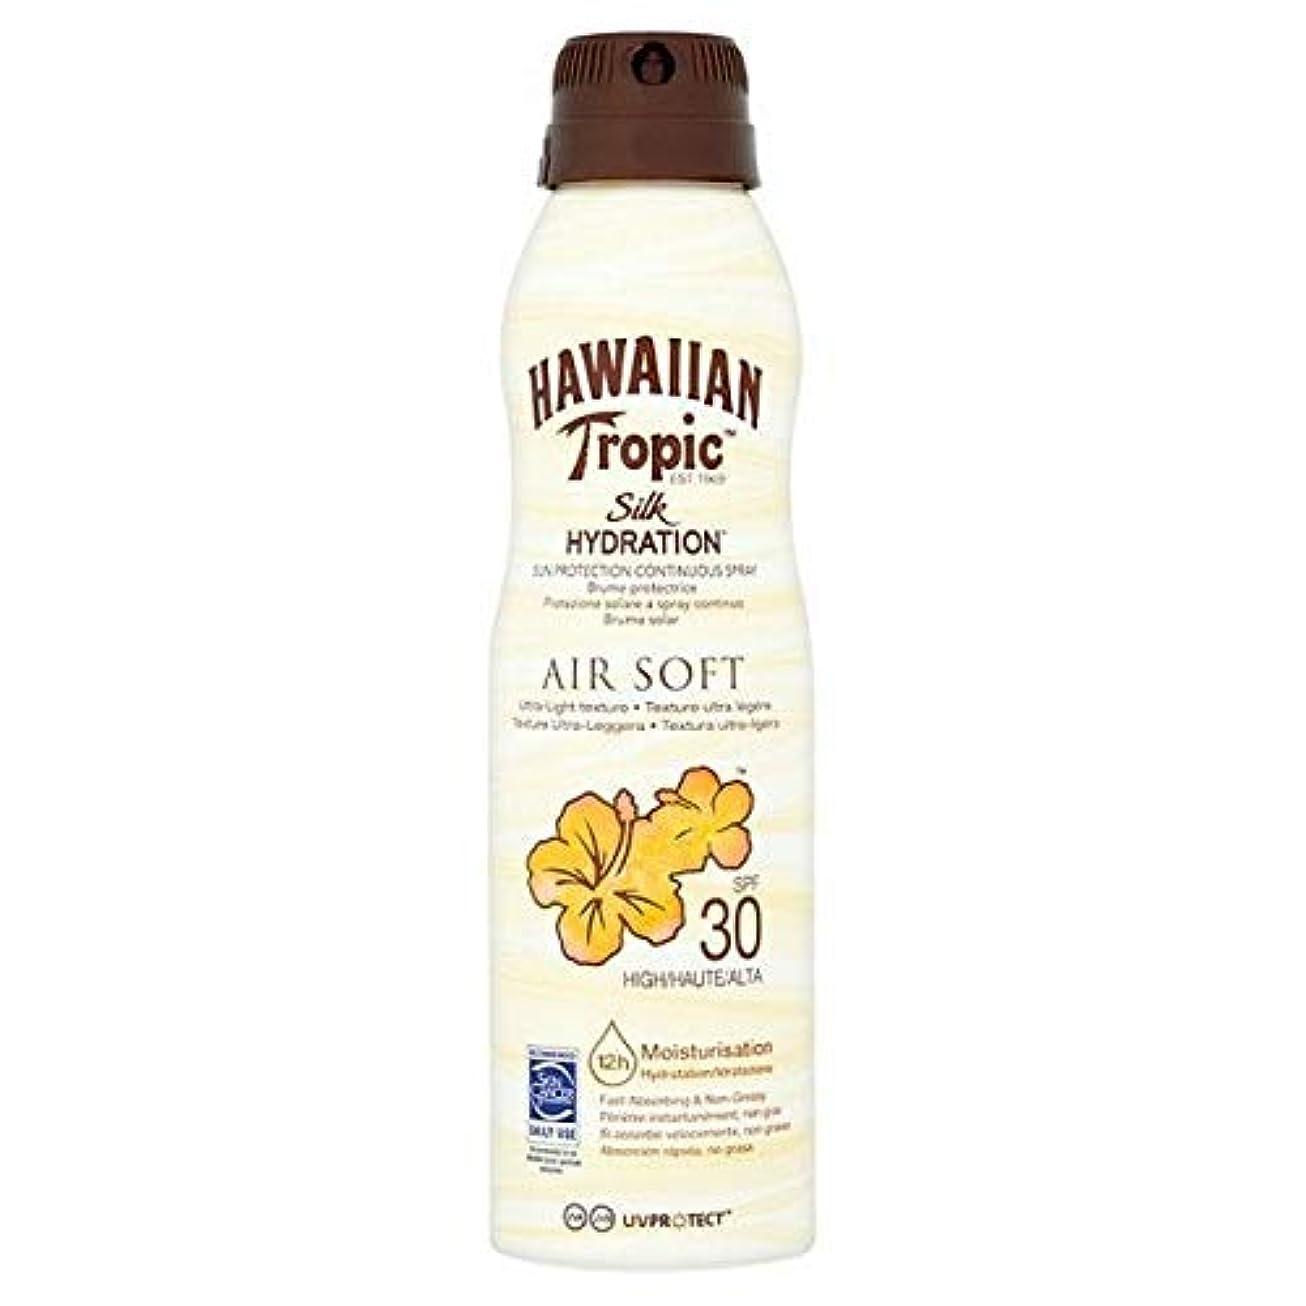 高齢者枢機卿帰する[Hawaiian Tropic ] H /向性絹水和エアガン連続スプレーSpf30の177ミリリットル - H/Tropic Silk Hydration Airsoft Continuous Spray SPF30...